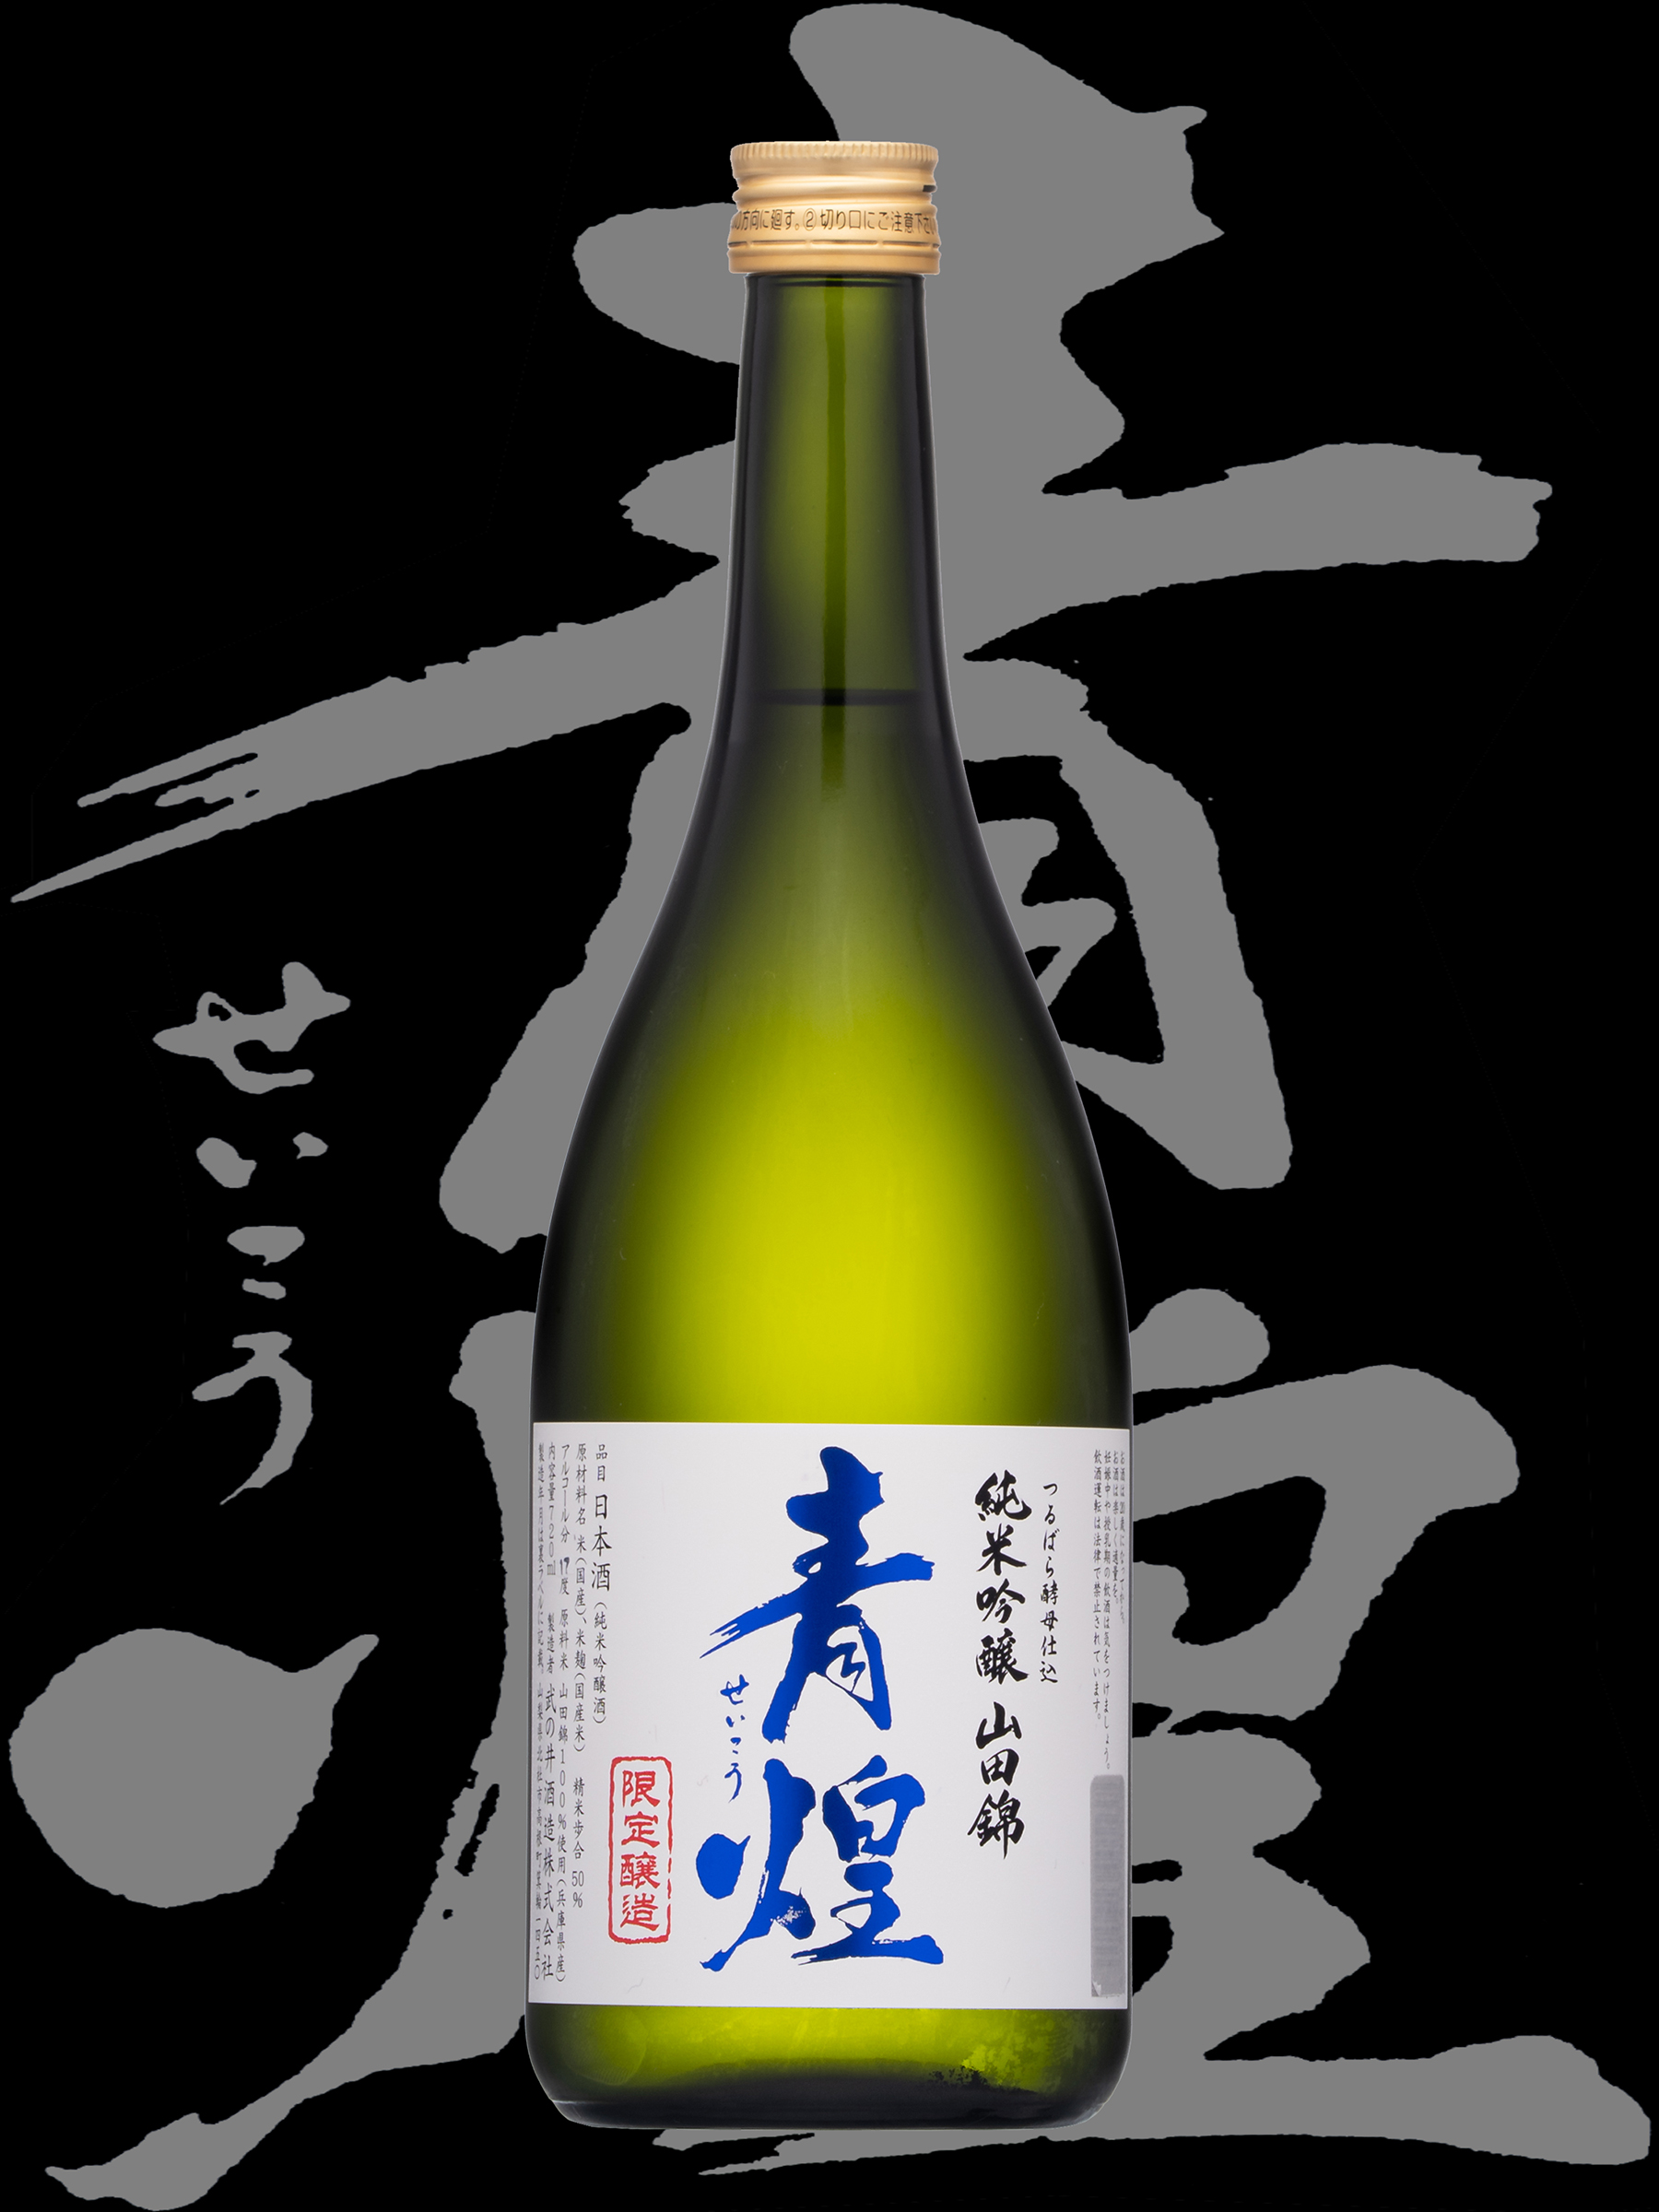 青煌(せいこう)「純米吟醸」山田錦